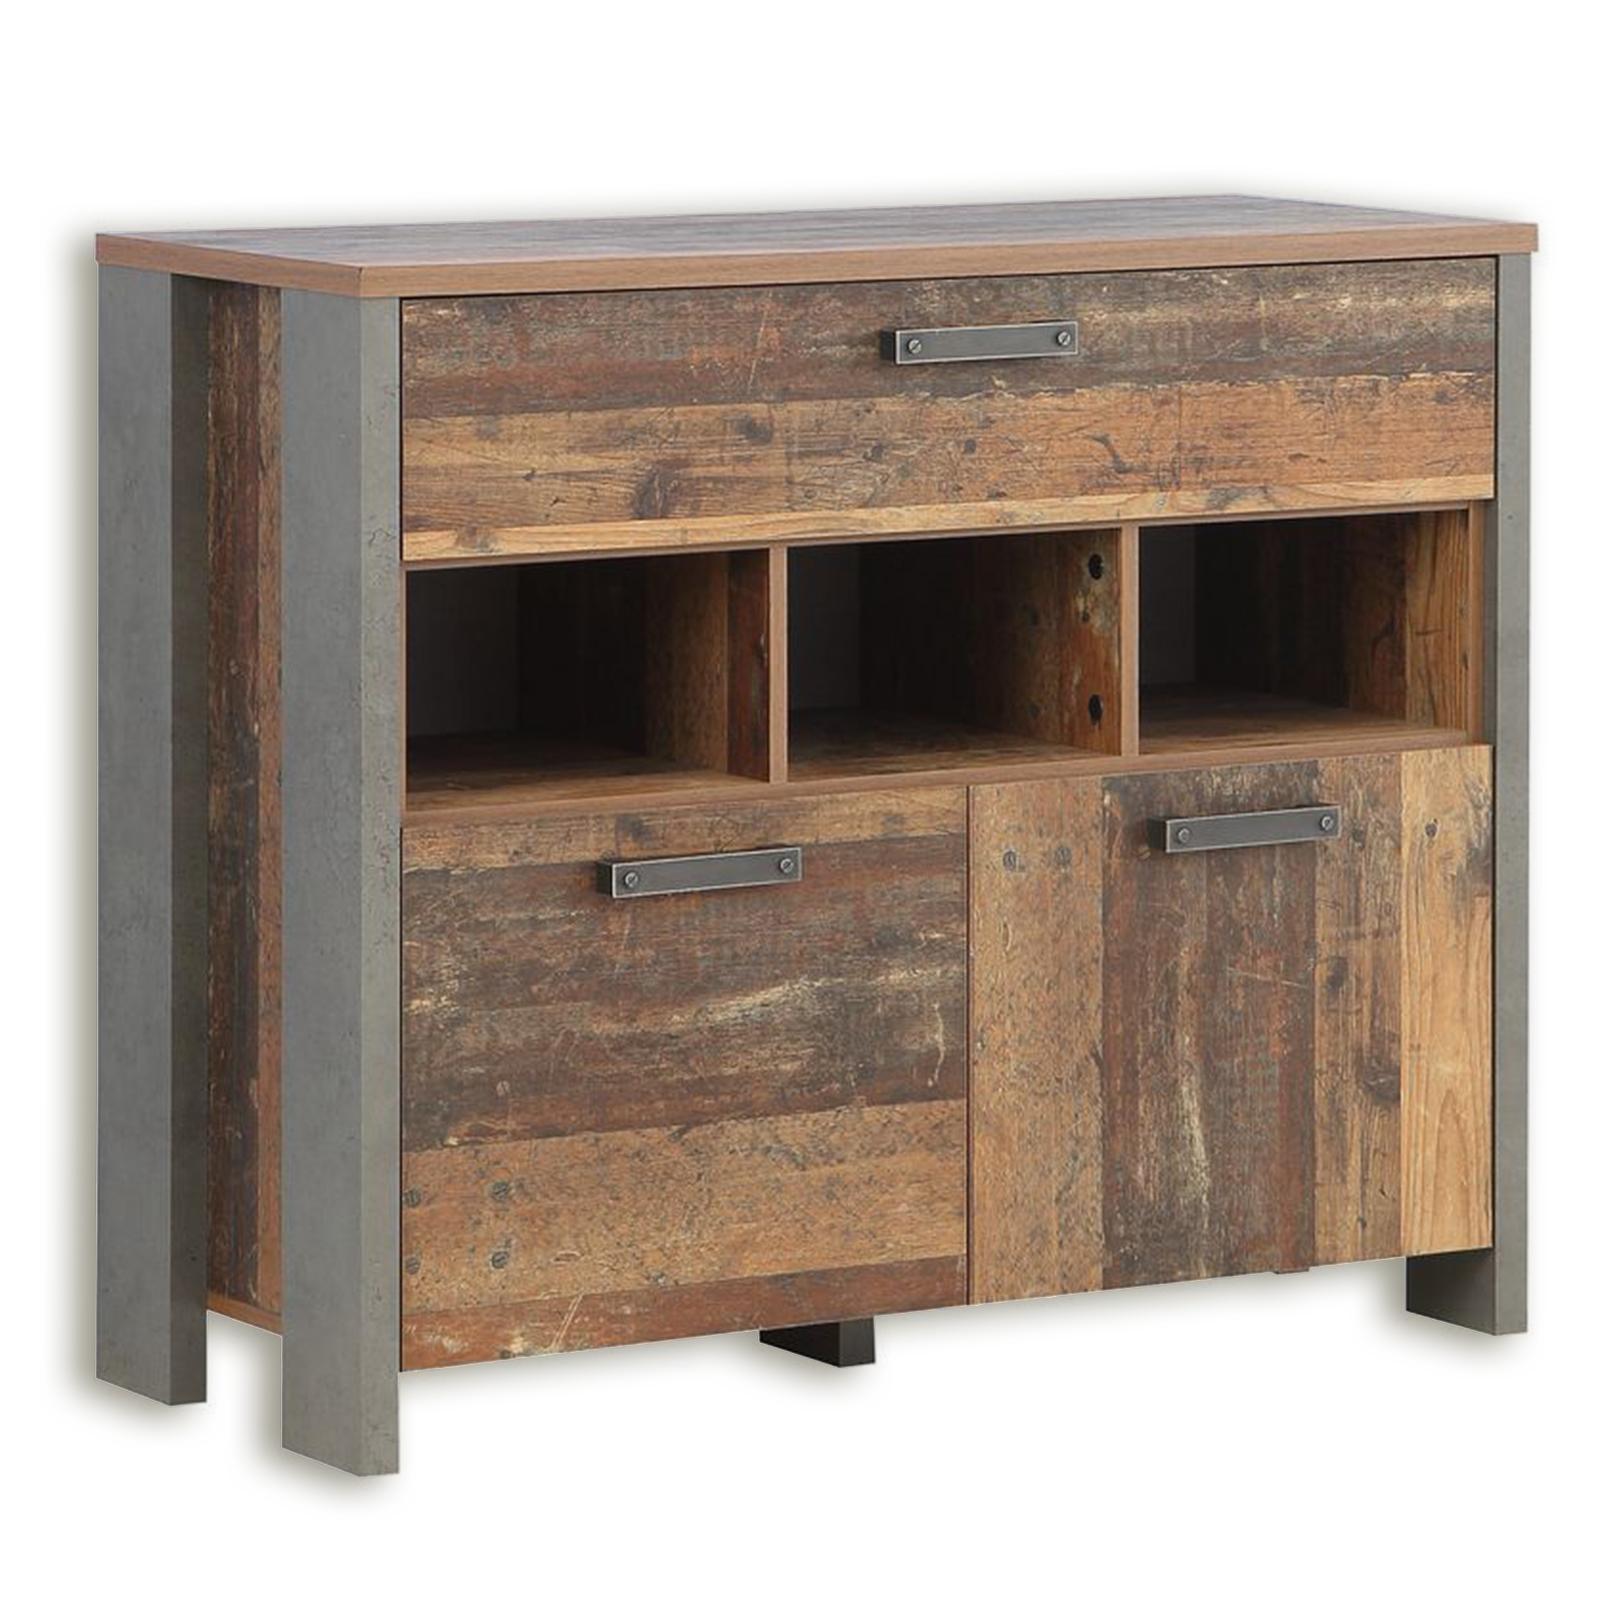 Kommode - Old Wood Vintage - 2 Türen - 107 cm breit